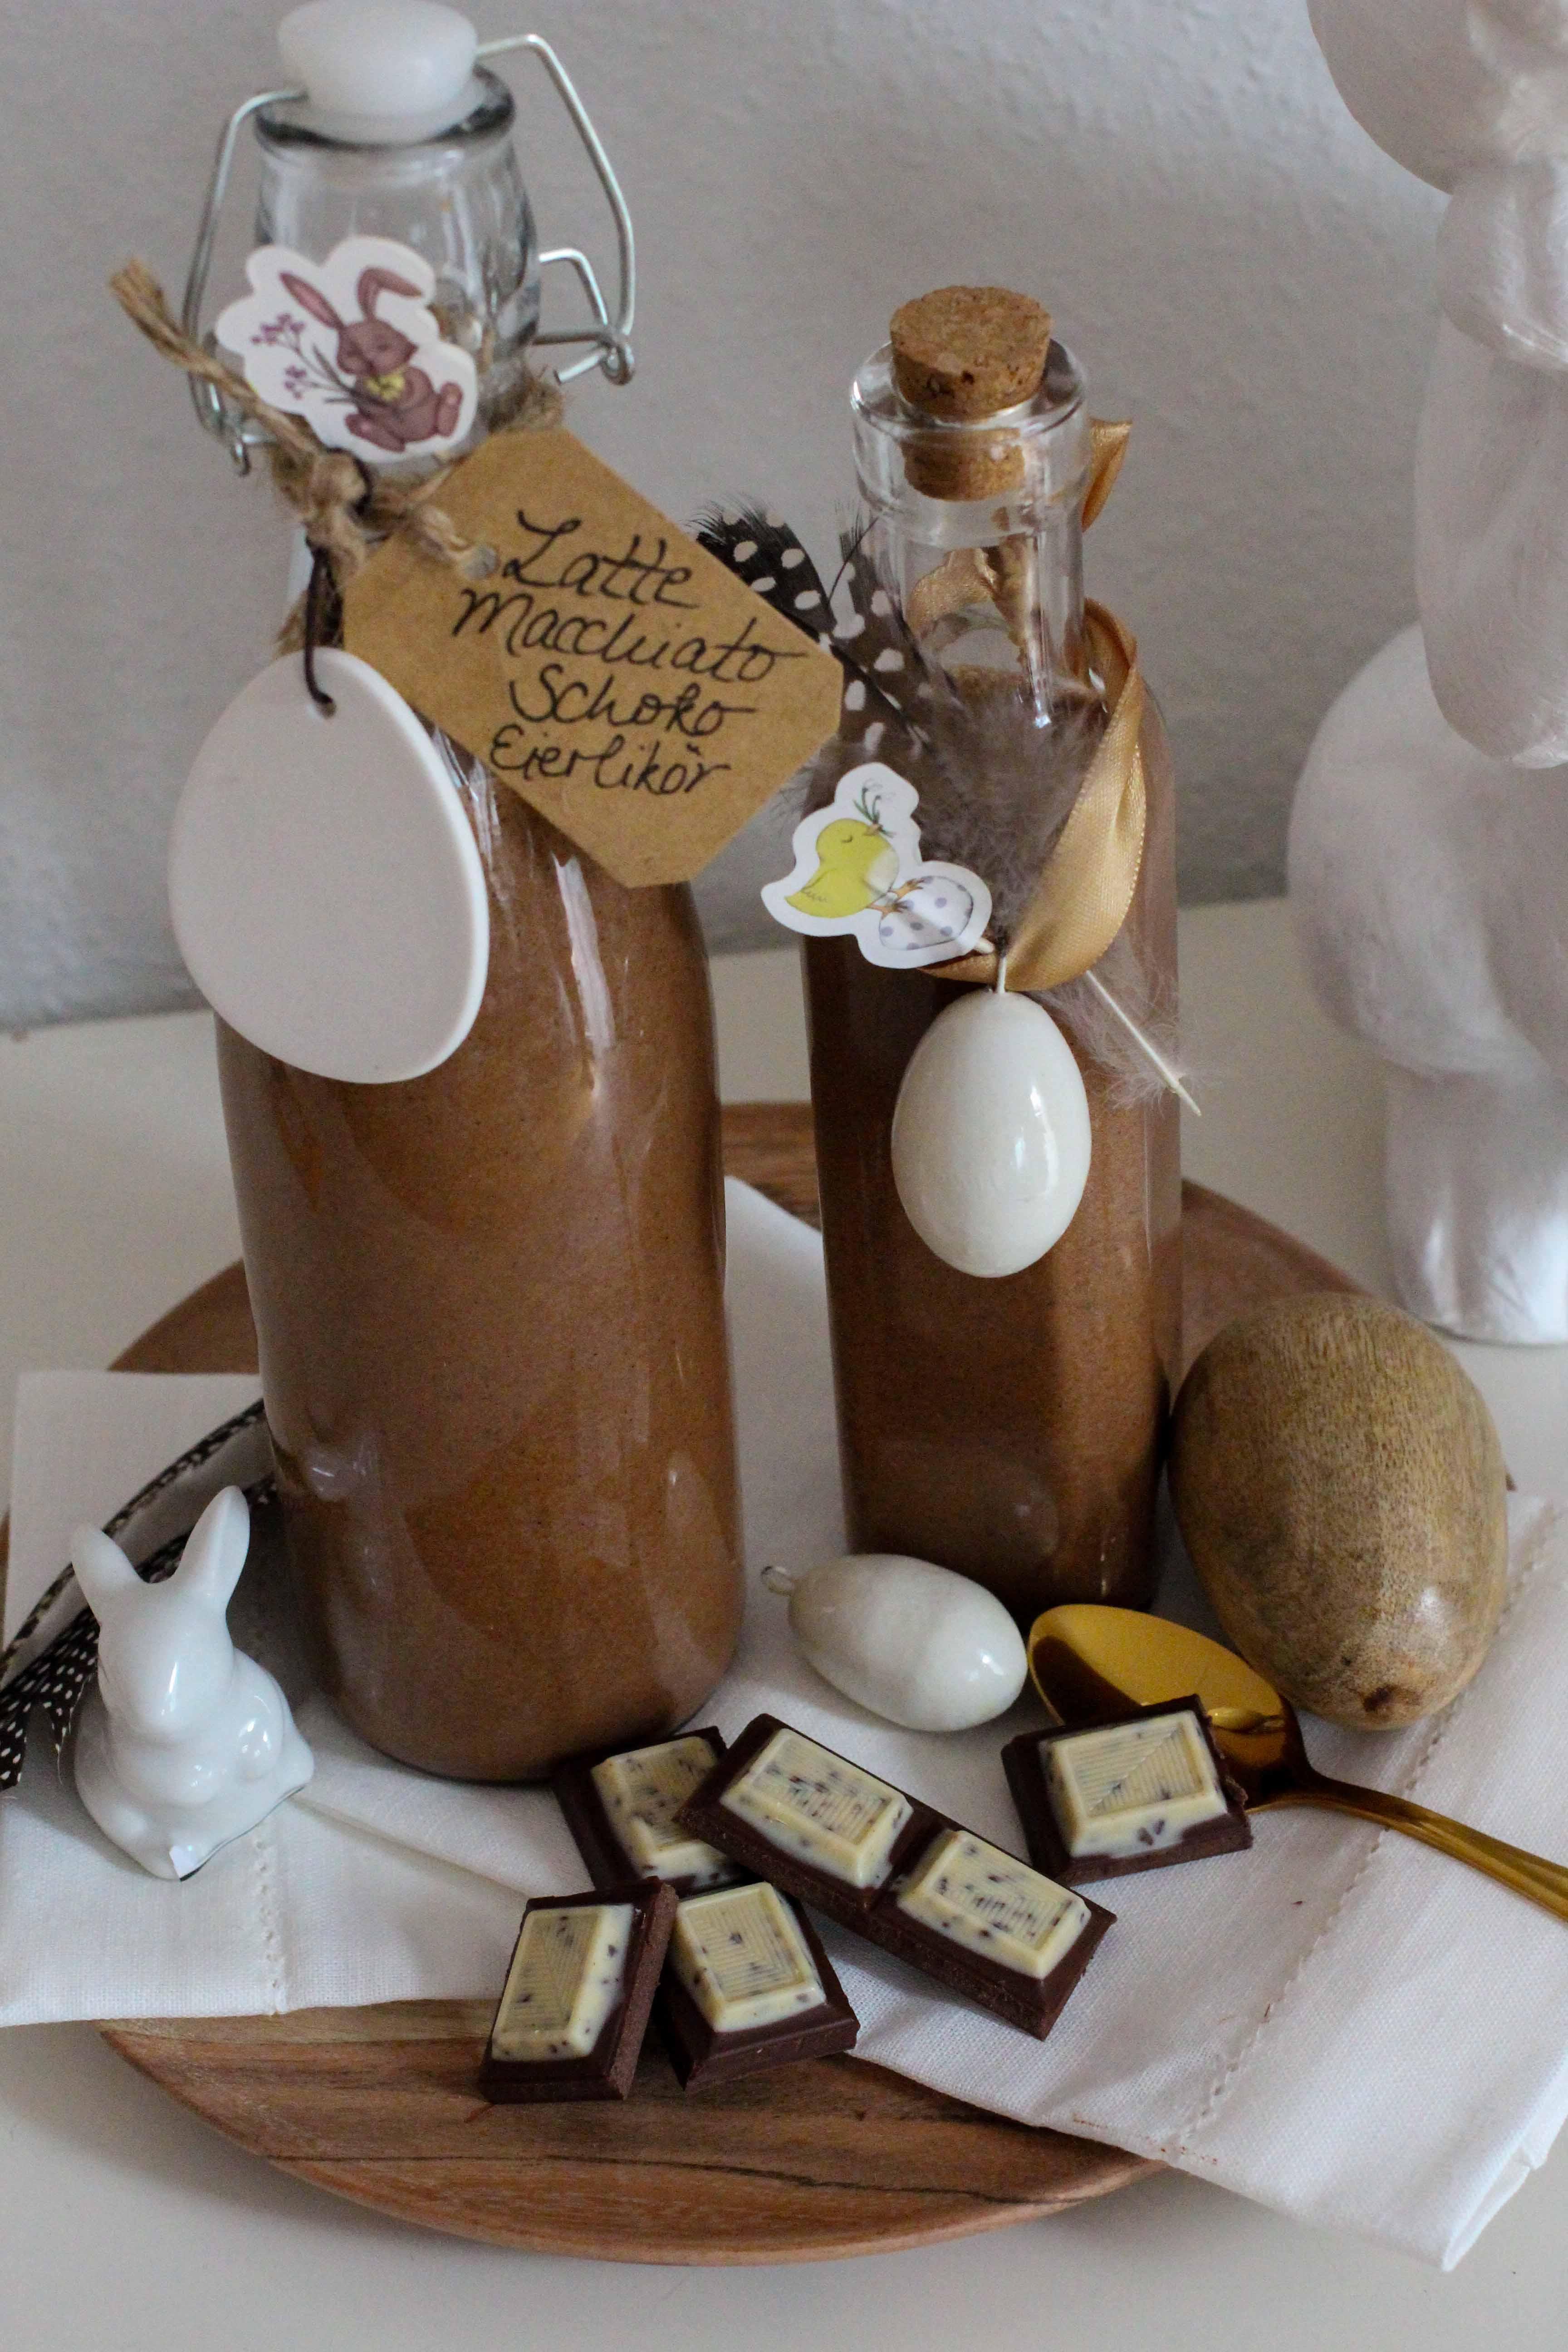 Latte Macchiato Schoko-Eierlikör Rezept einfach selber machen Ostern Vivani Ostergeschenk